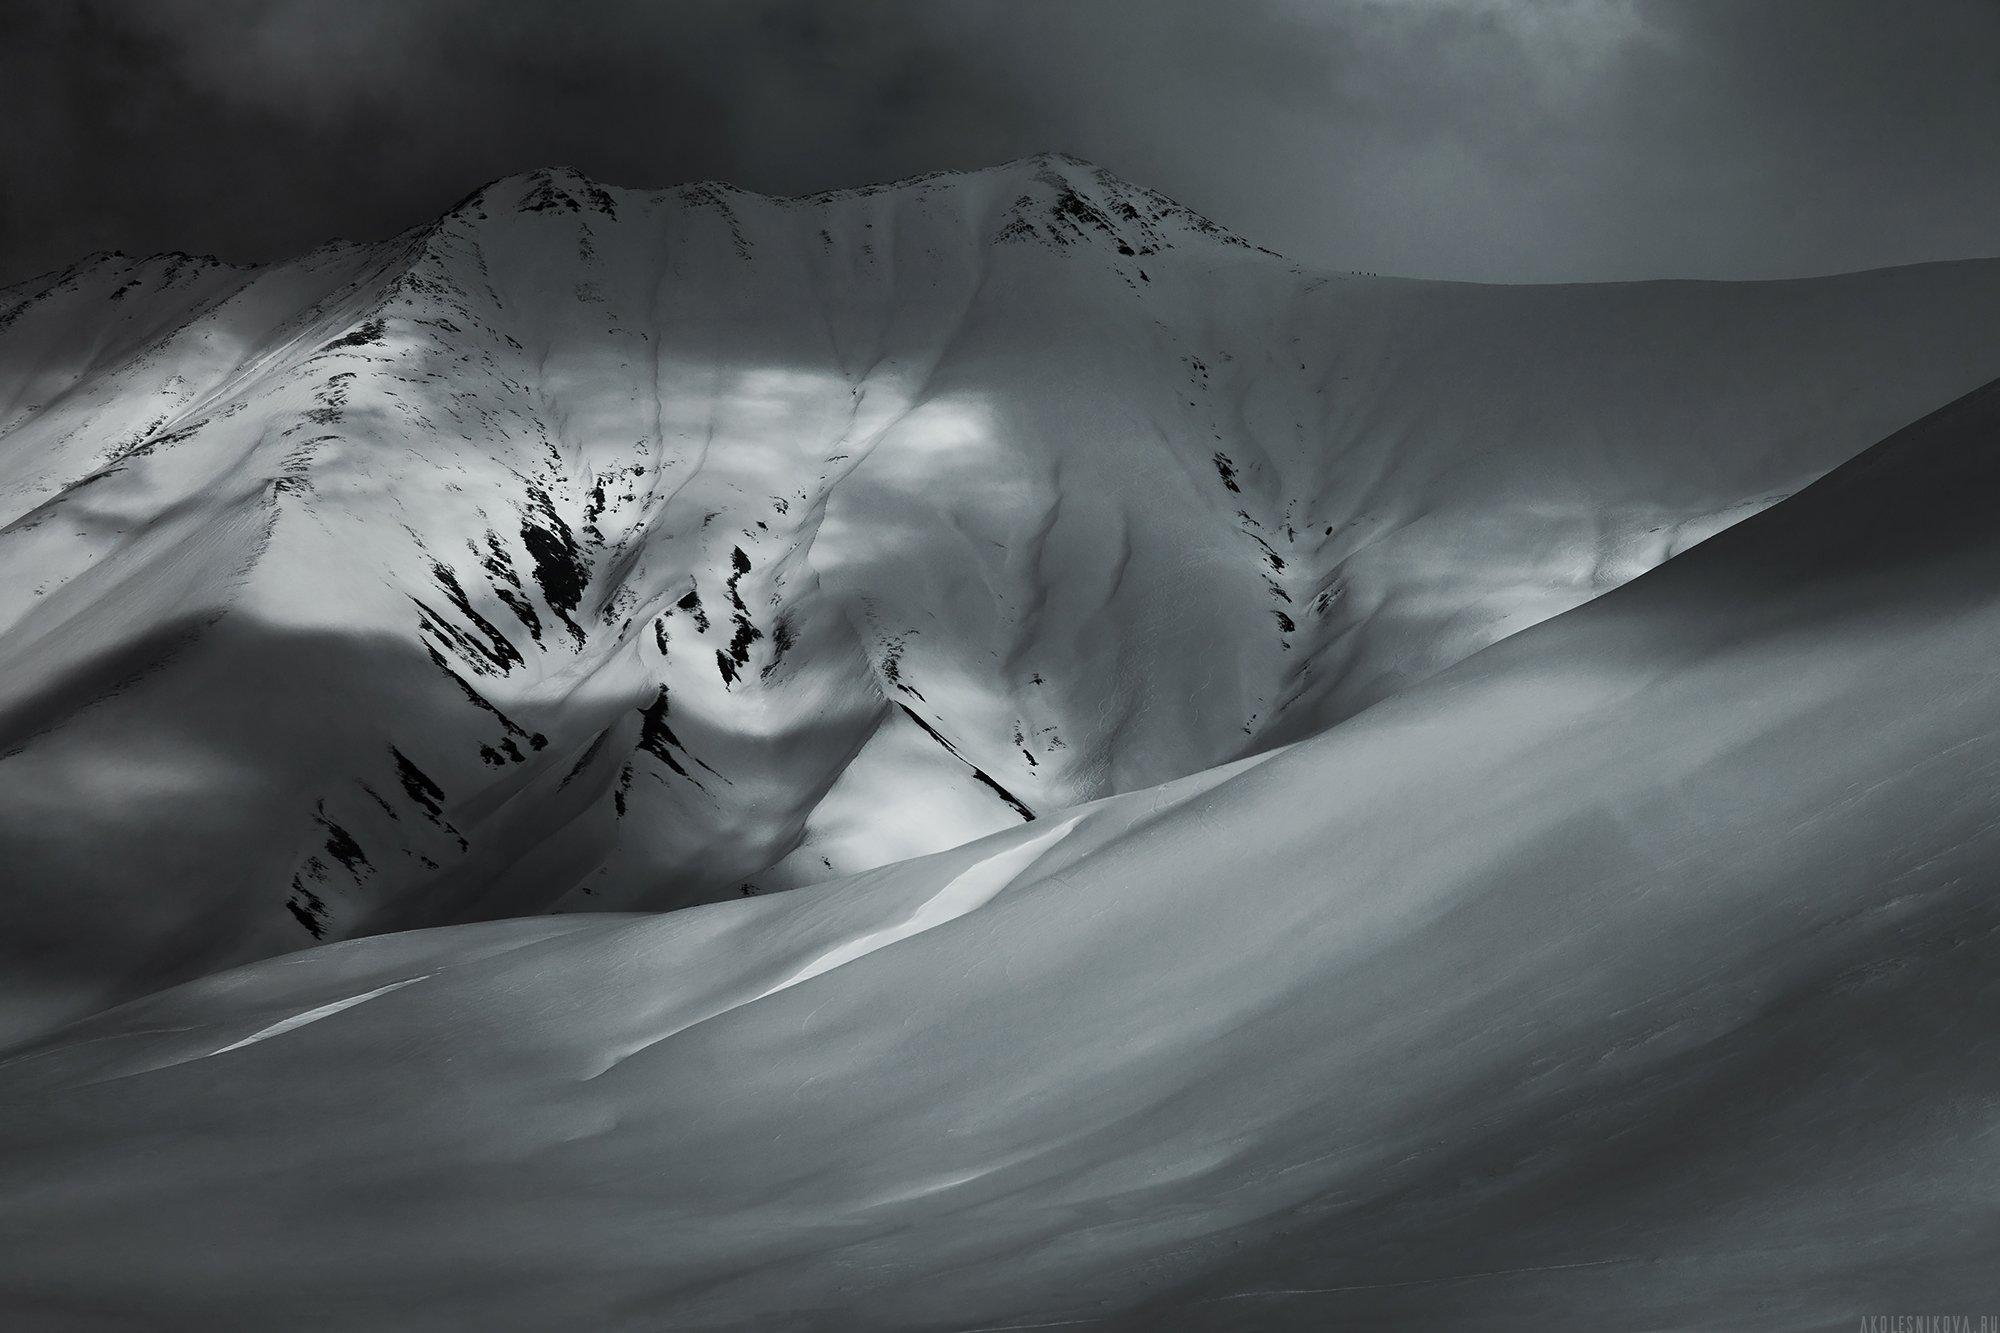 горы, зима, снег, грузия, гудаури, зима, снег, грузия, гудаури, Анастасия Колесникова